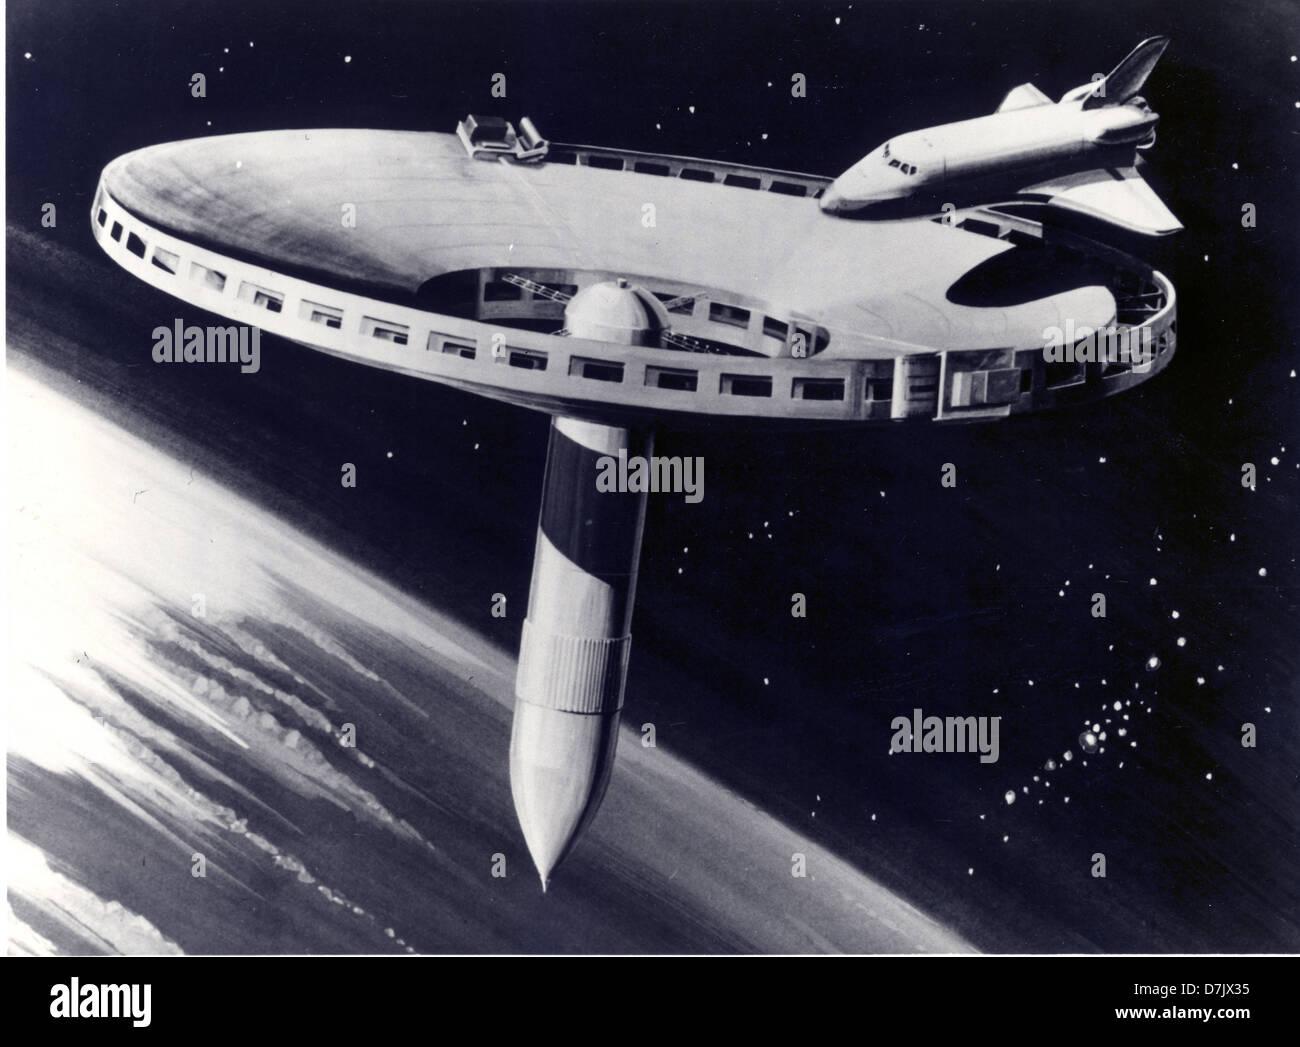 Un concetto 1977 disegno per una stazione spaziale. Immagini Stock